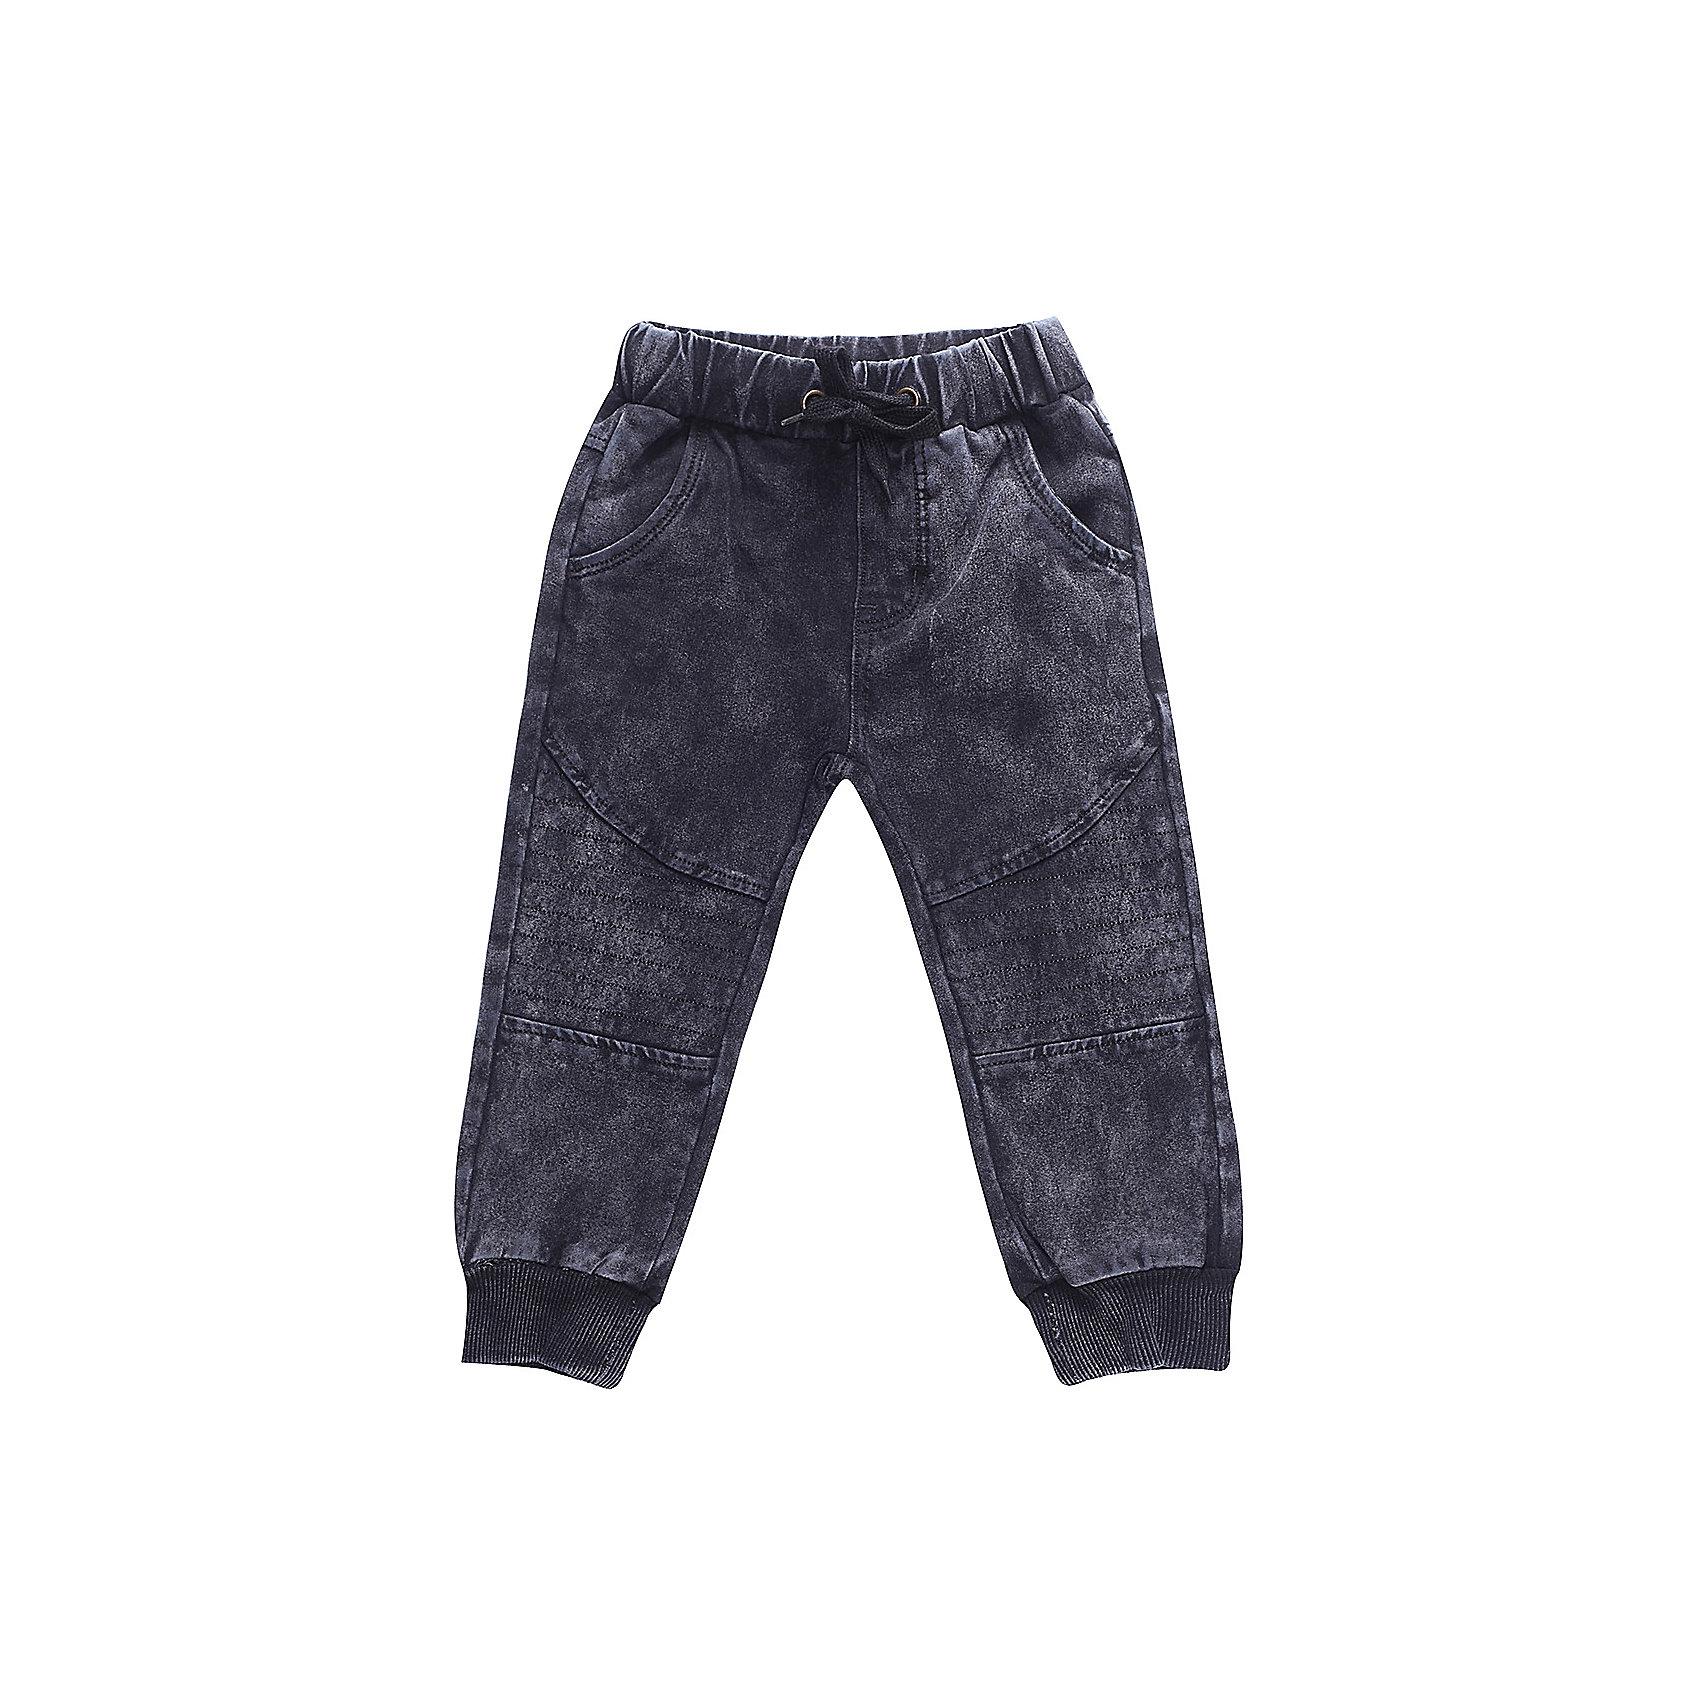 Брюки Sweet Berry для мальчикаДжинсы<br>Брюки Sweet Berry для мальчика<br>Трикотажные брюки для мальчика темно-серого цвета декорированные оригинальной варкой под джинсу, низ брючин собран на мягкие манжеты. Пояс-резинка дополнен шнуром для регулирования объема по талии.<br>Состав:<br>98% хлопок, 2% спандекс<br><br>Ширина мм: 215<br>Глубина мм: 88<br>Высота мм: 191<br>Вес г: 336<br>Цвет: серый<br>Возраст от месяцев: 24<br>Возраст до месяцев: 36<br>Пол: Мужской<br>Возраст: Детский<br>Размер: 98,80,86,92<br>SKU: 7095619